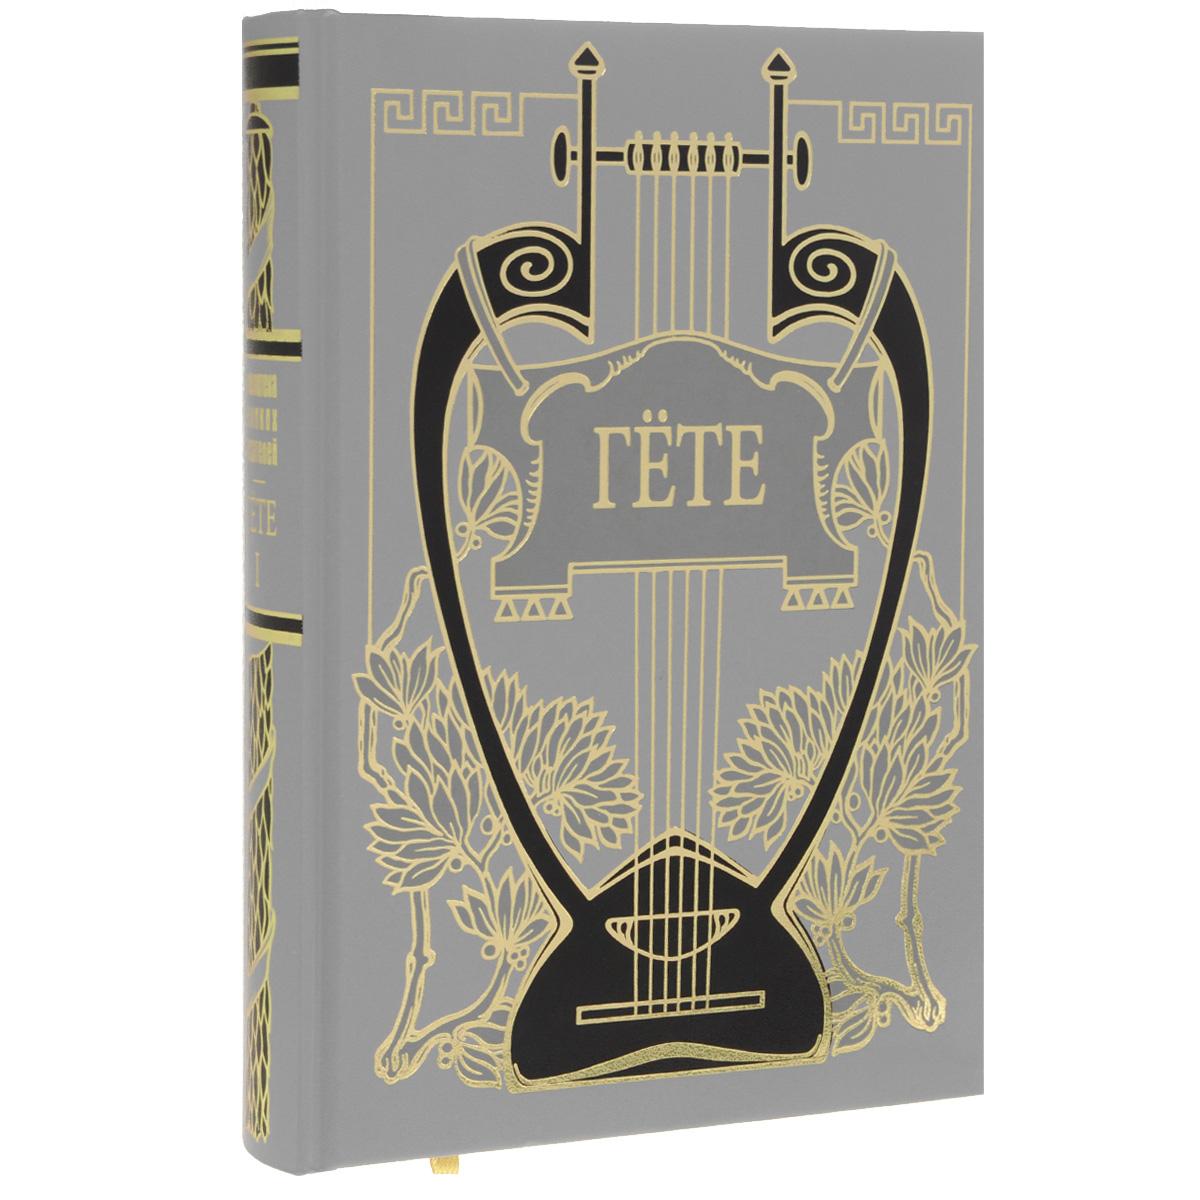 Гете Гете. Собрание сочинений. В 10 томах. Том 1. Из моей жизни. Поэзия и правда (подарочное издание)